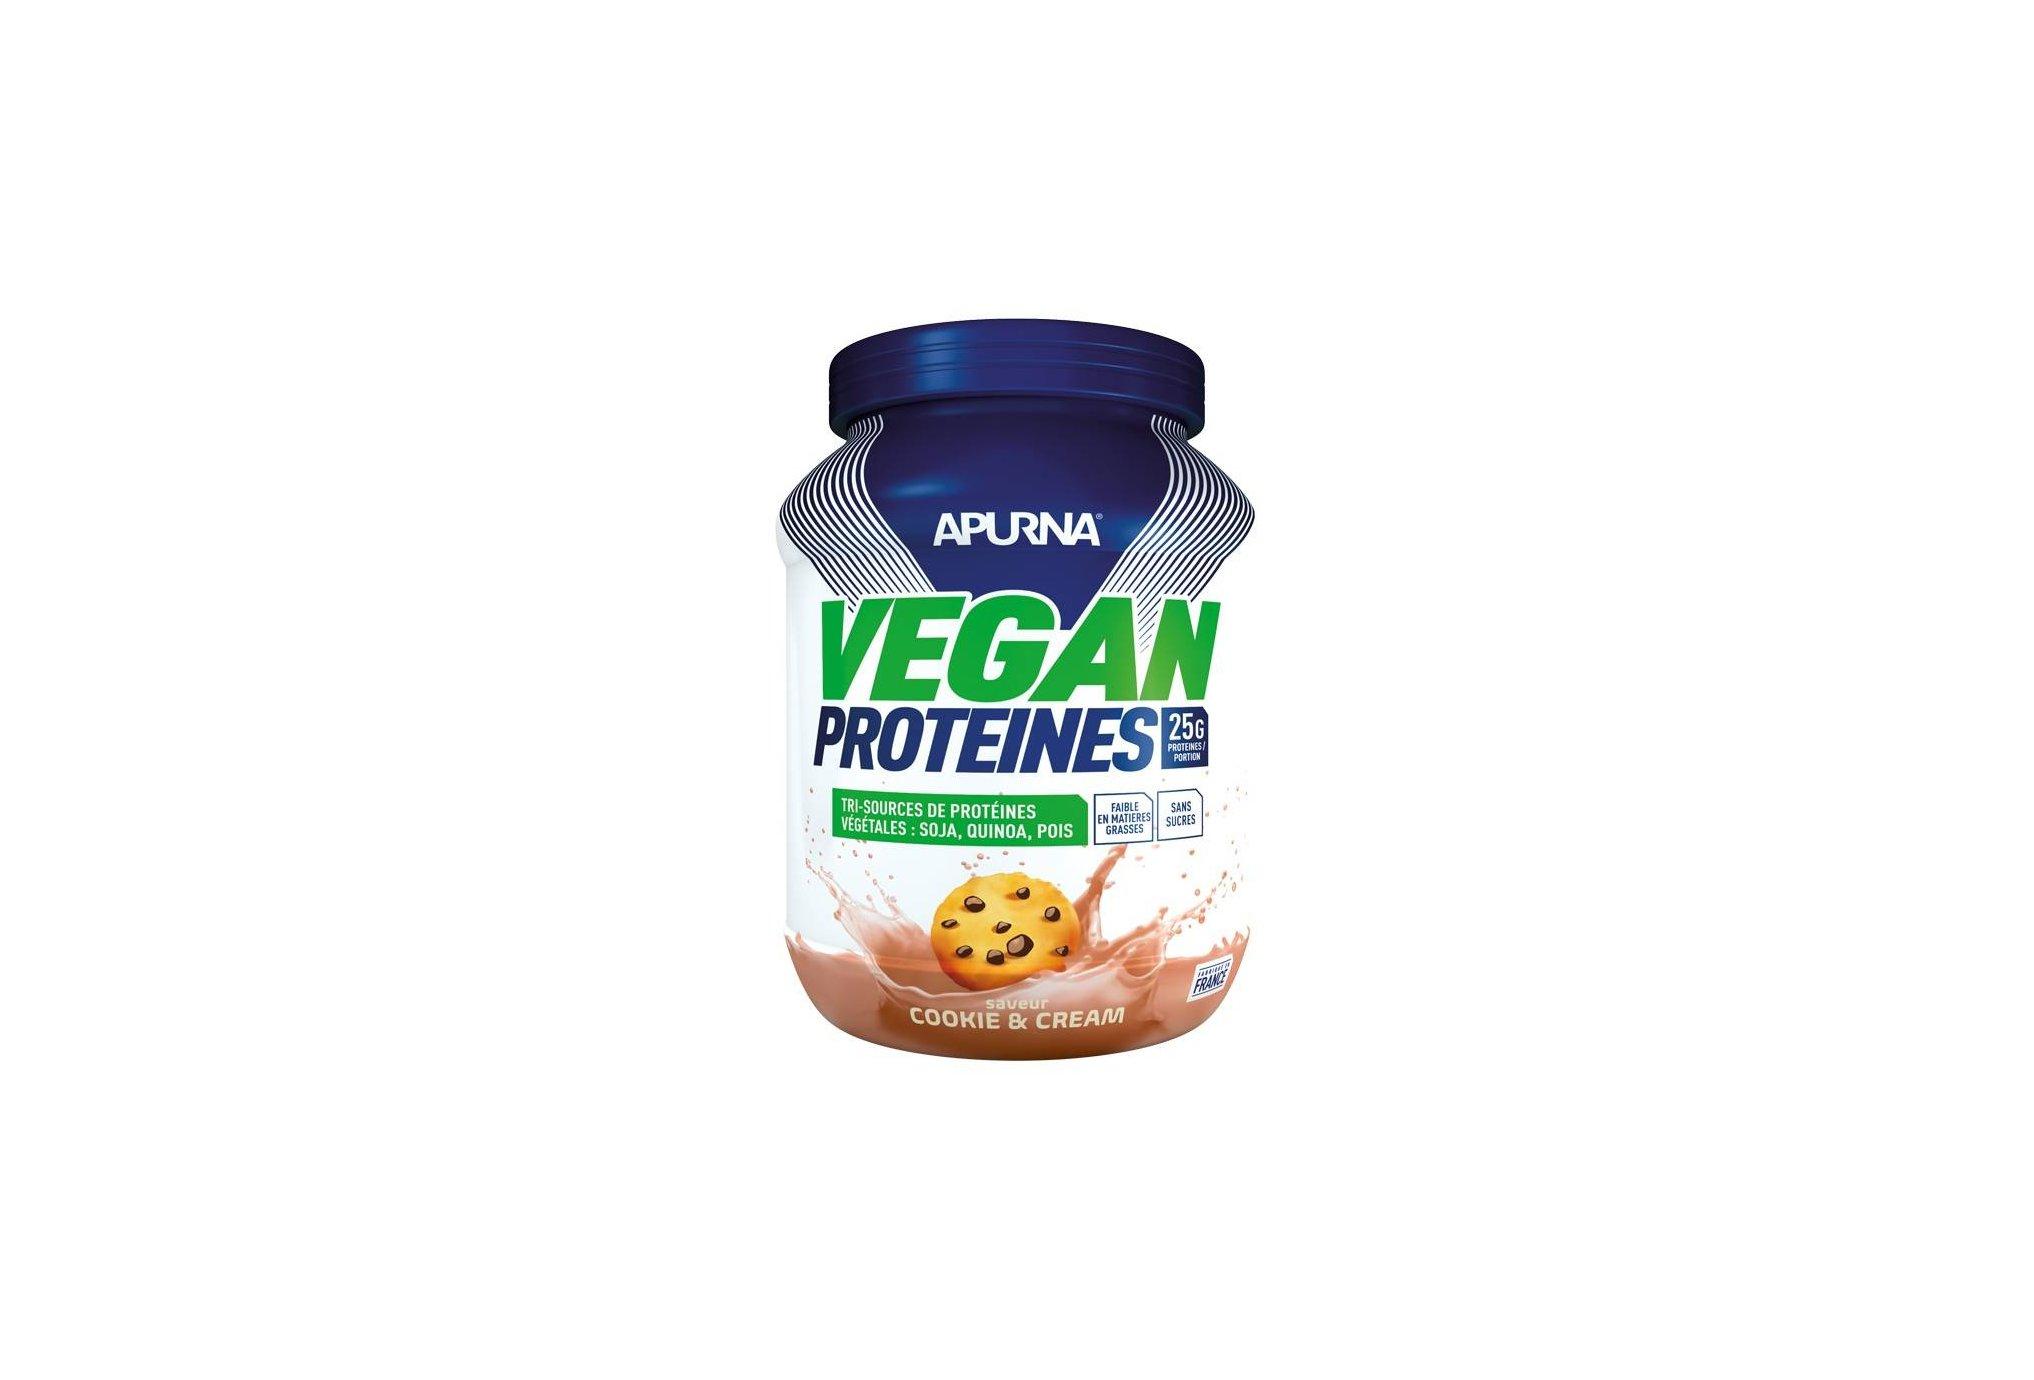 Apurna Vegan Protéines - Cookie Cream Diététique Protéines / récupération